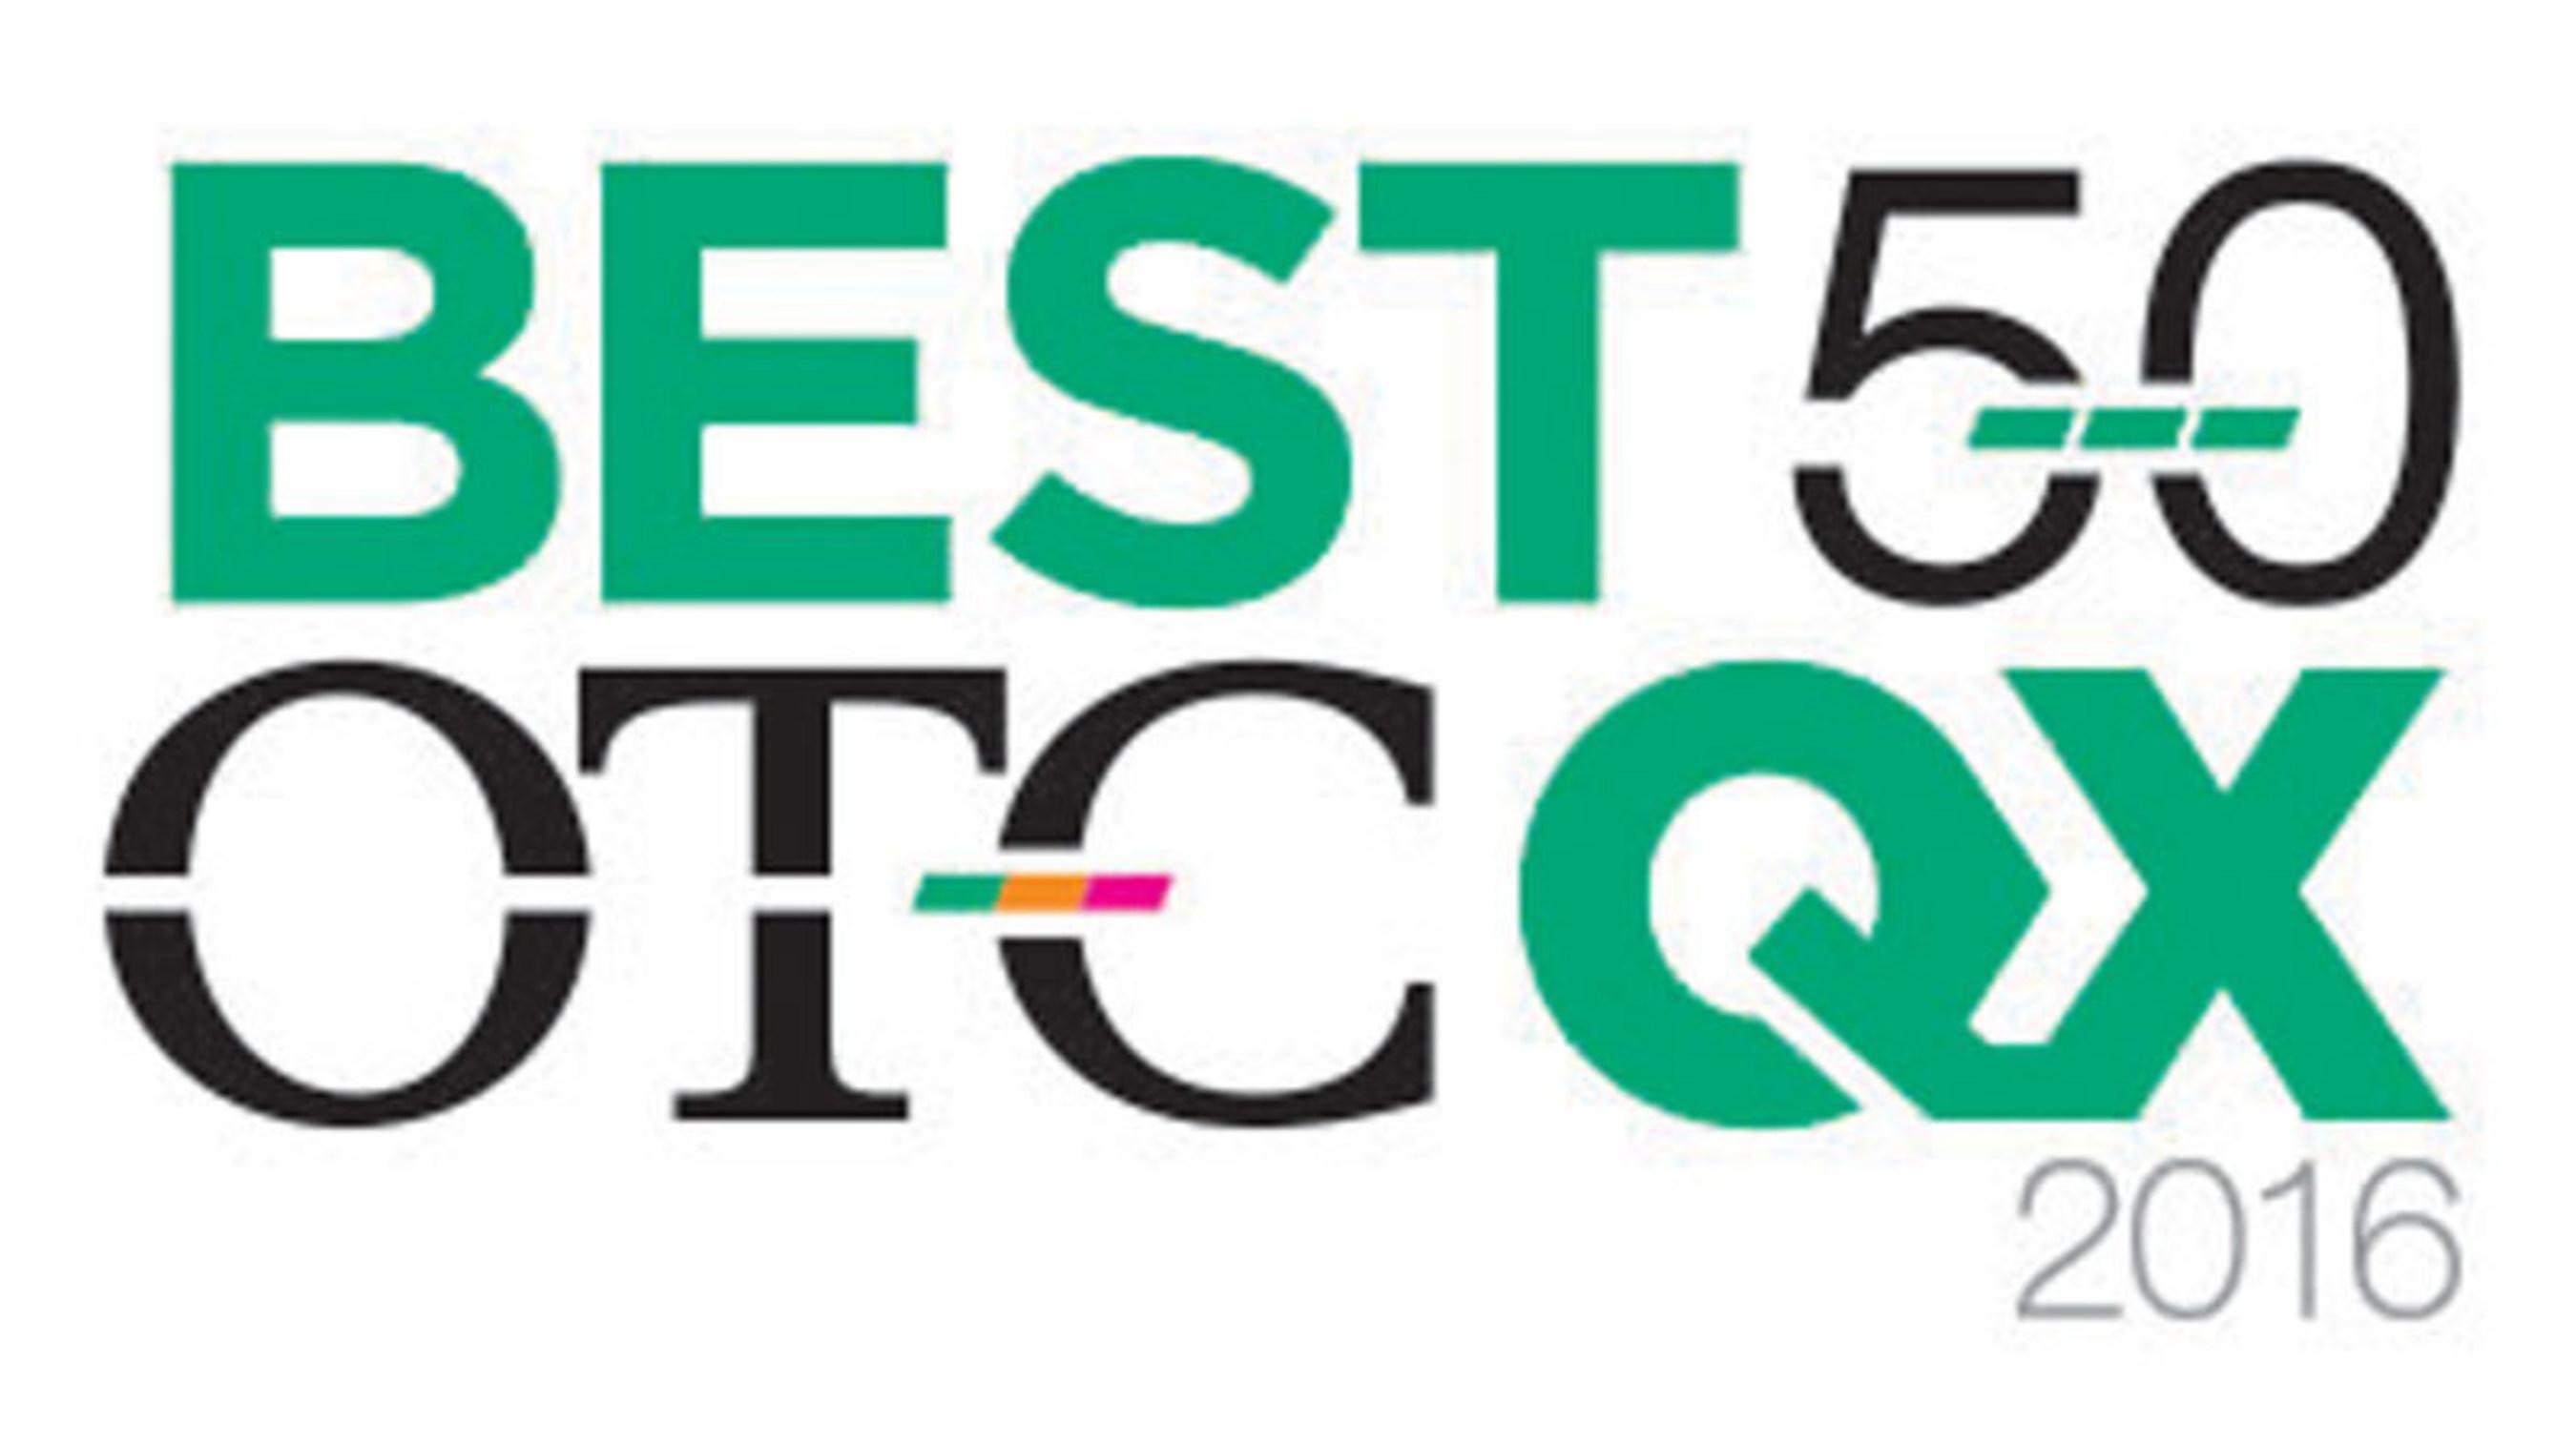 OTC Markets Group Announces the 2016 OTCQX Best 50